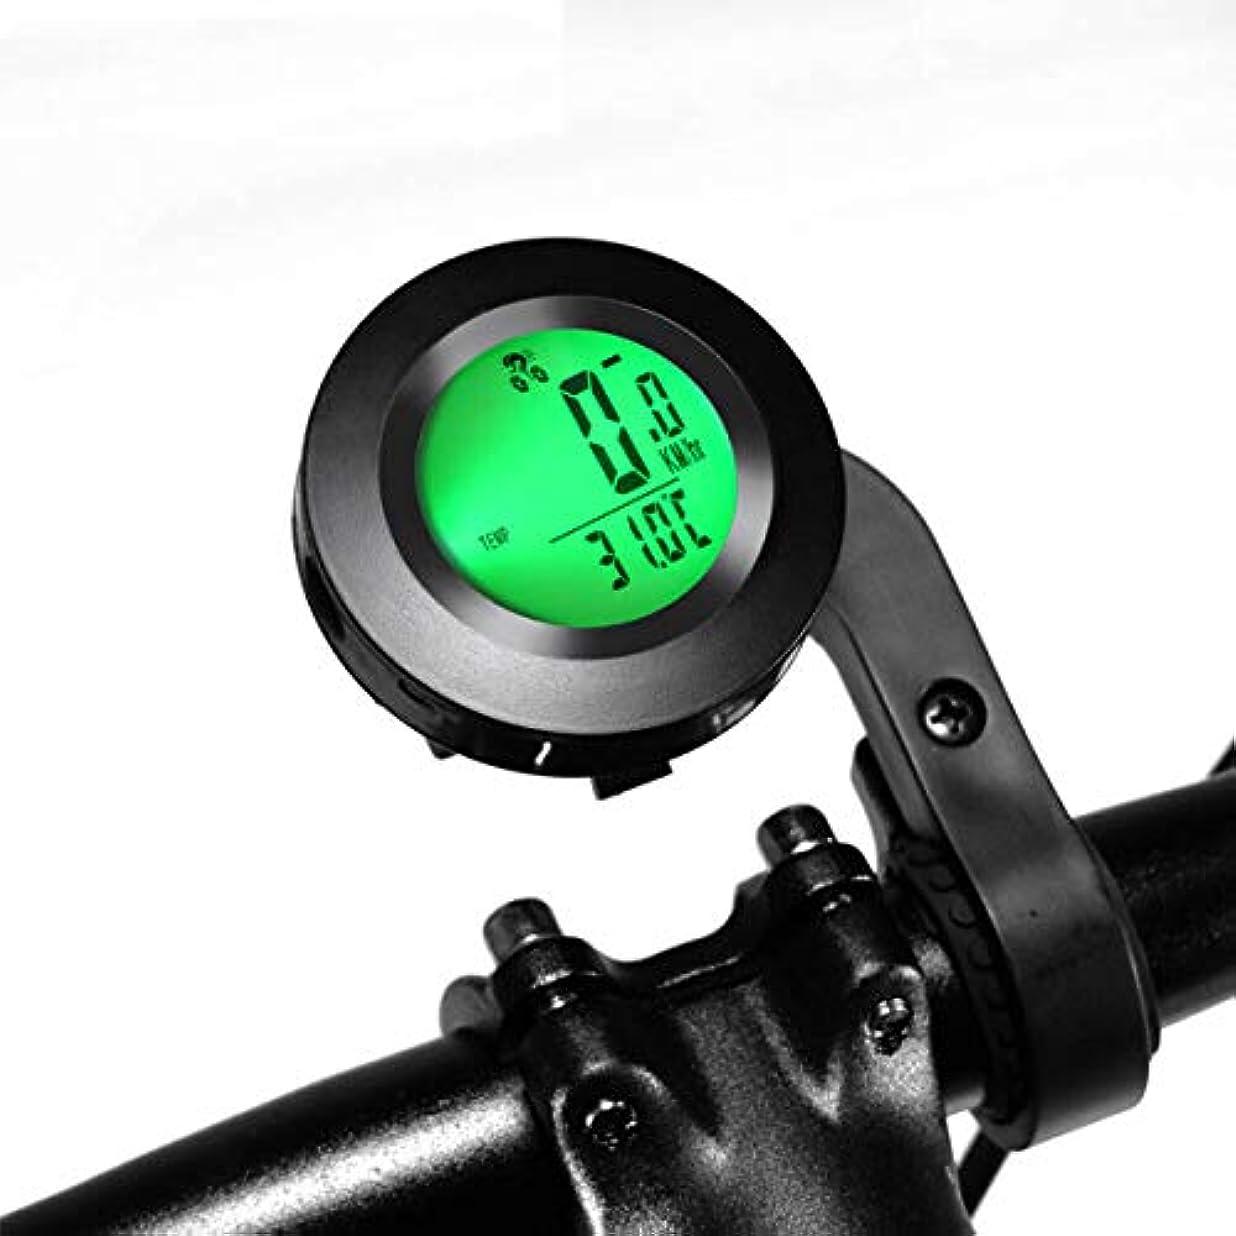 リハーサルネーピアボットPalummaサイクルコンピュータ ワイヤレス 防水 自転車コンピューター LCDモニター バックライト付き 多機能 スピードメーター 取付簡単 円形 ストップウォッチ 走行距離計 走行時間計 オオドメータ一 軽くて邪魔にならない 説明書付き